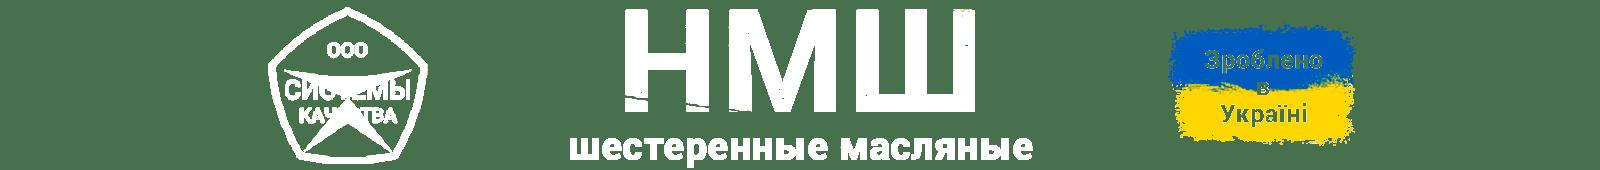 Насосы НМШ, Ш производства Украина. ТОВ «Системы качества»